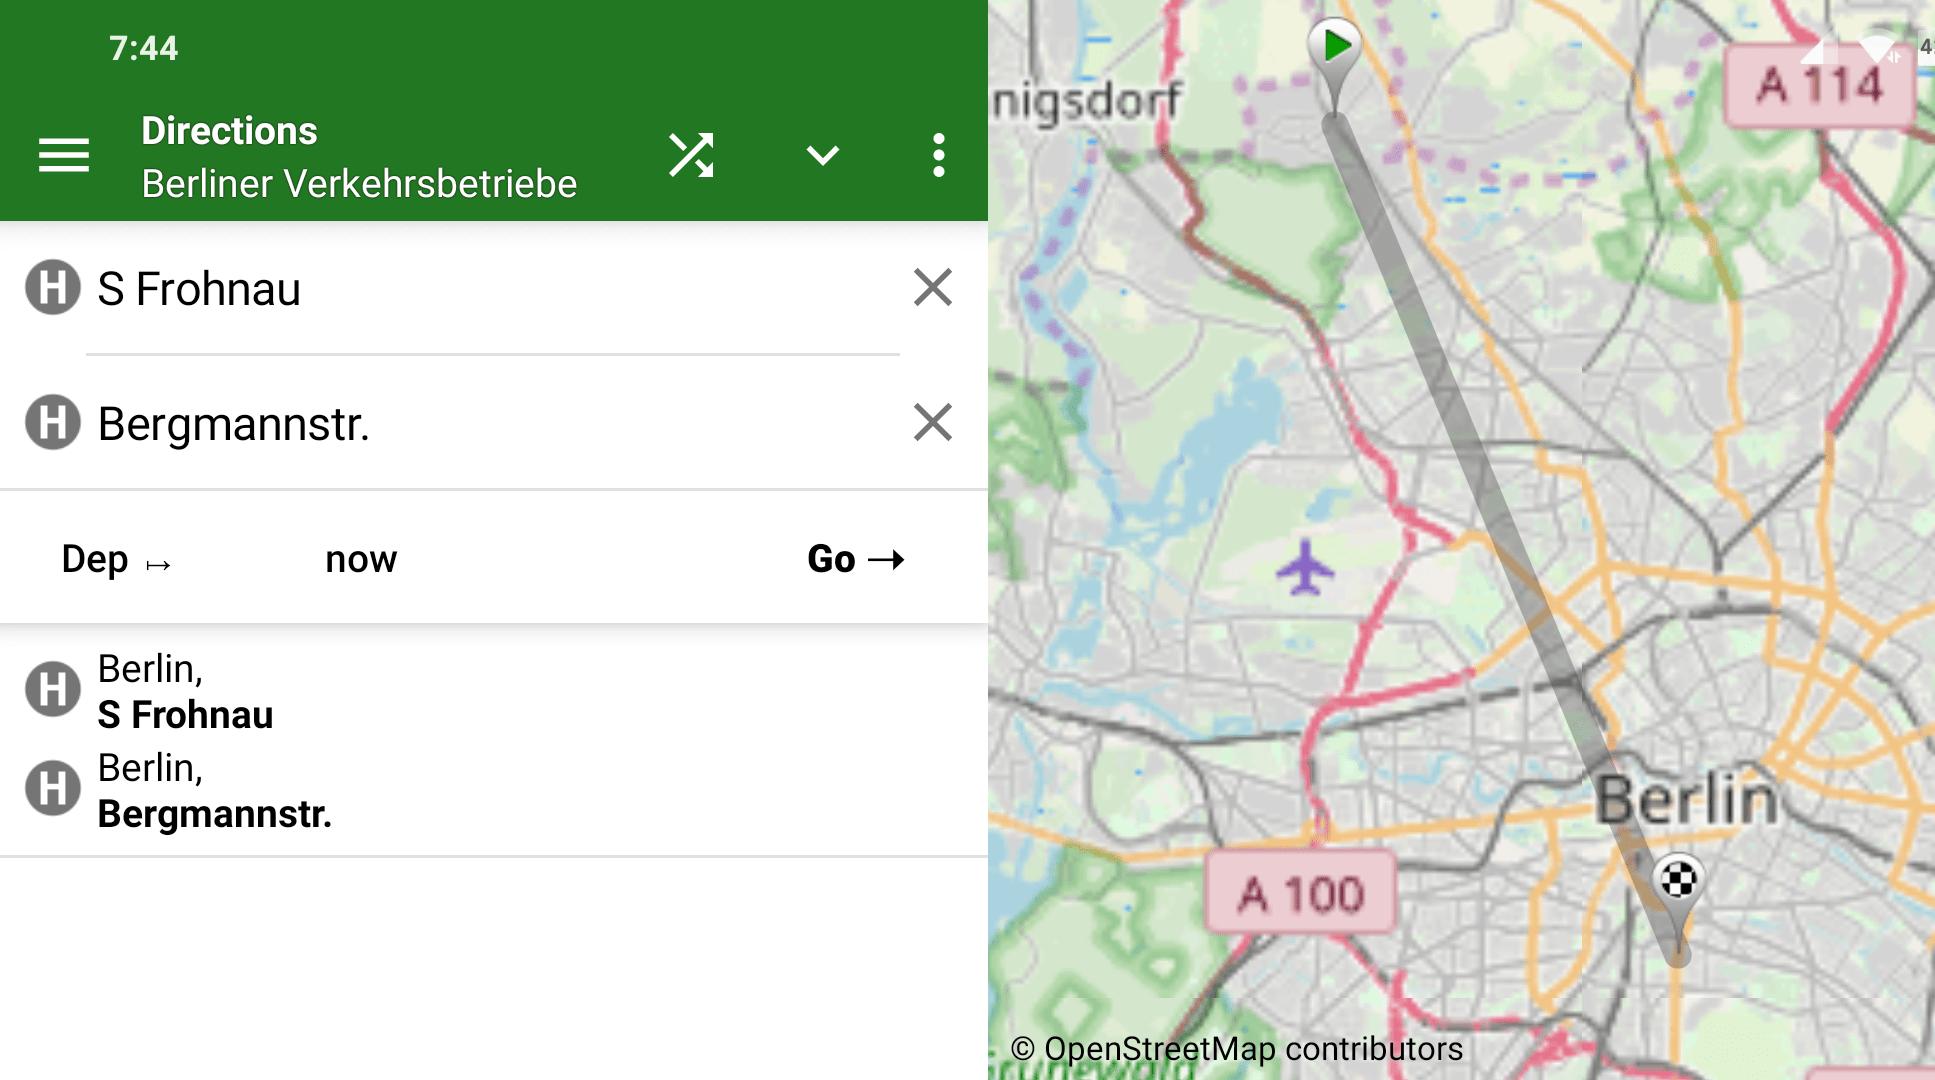 Reise Apps Oeffi